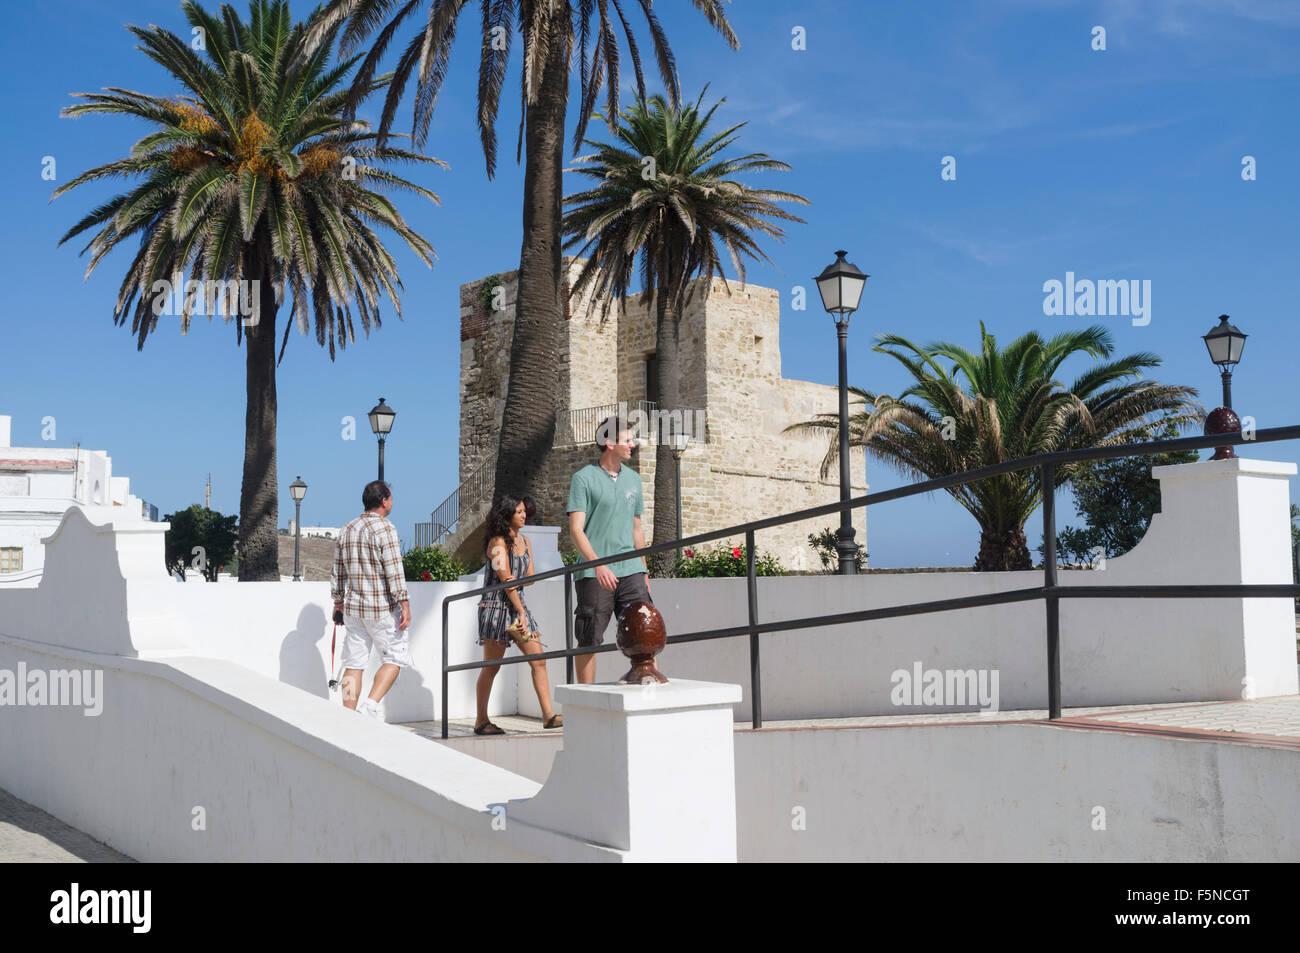 Miramar tower et les jardins de la vieille ville de Tarifa, Cadiz Province, Andalusia, Spain Banque D'Images